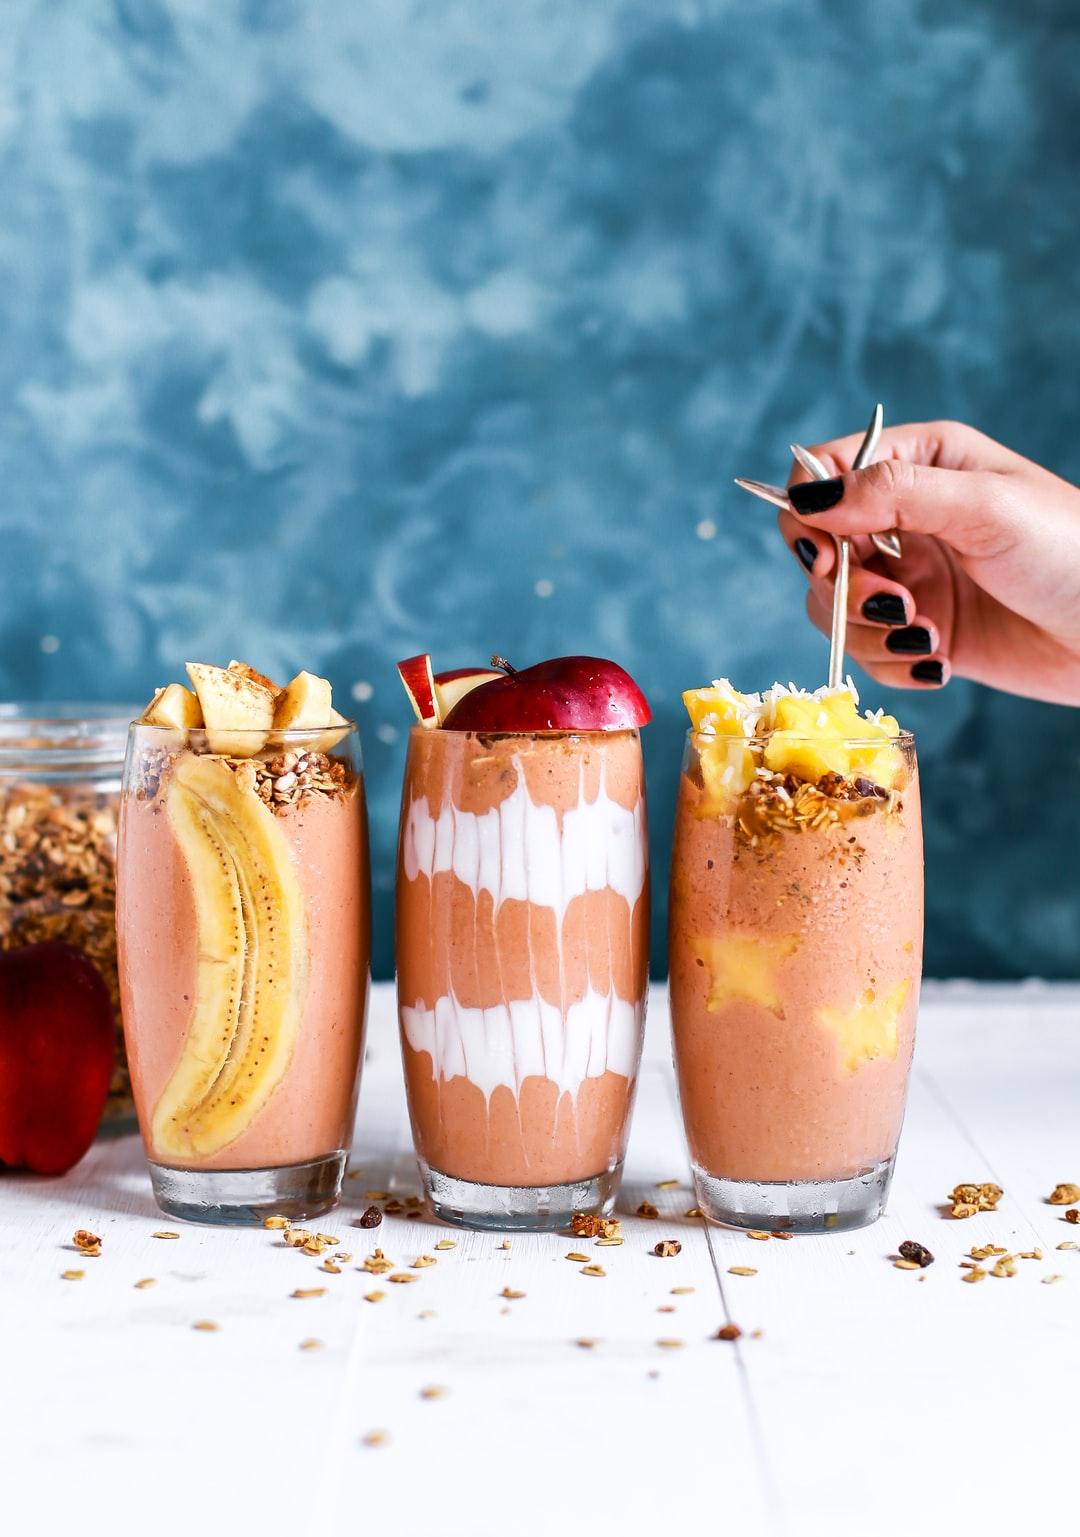 Blended drinks